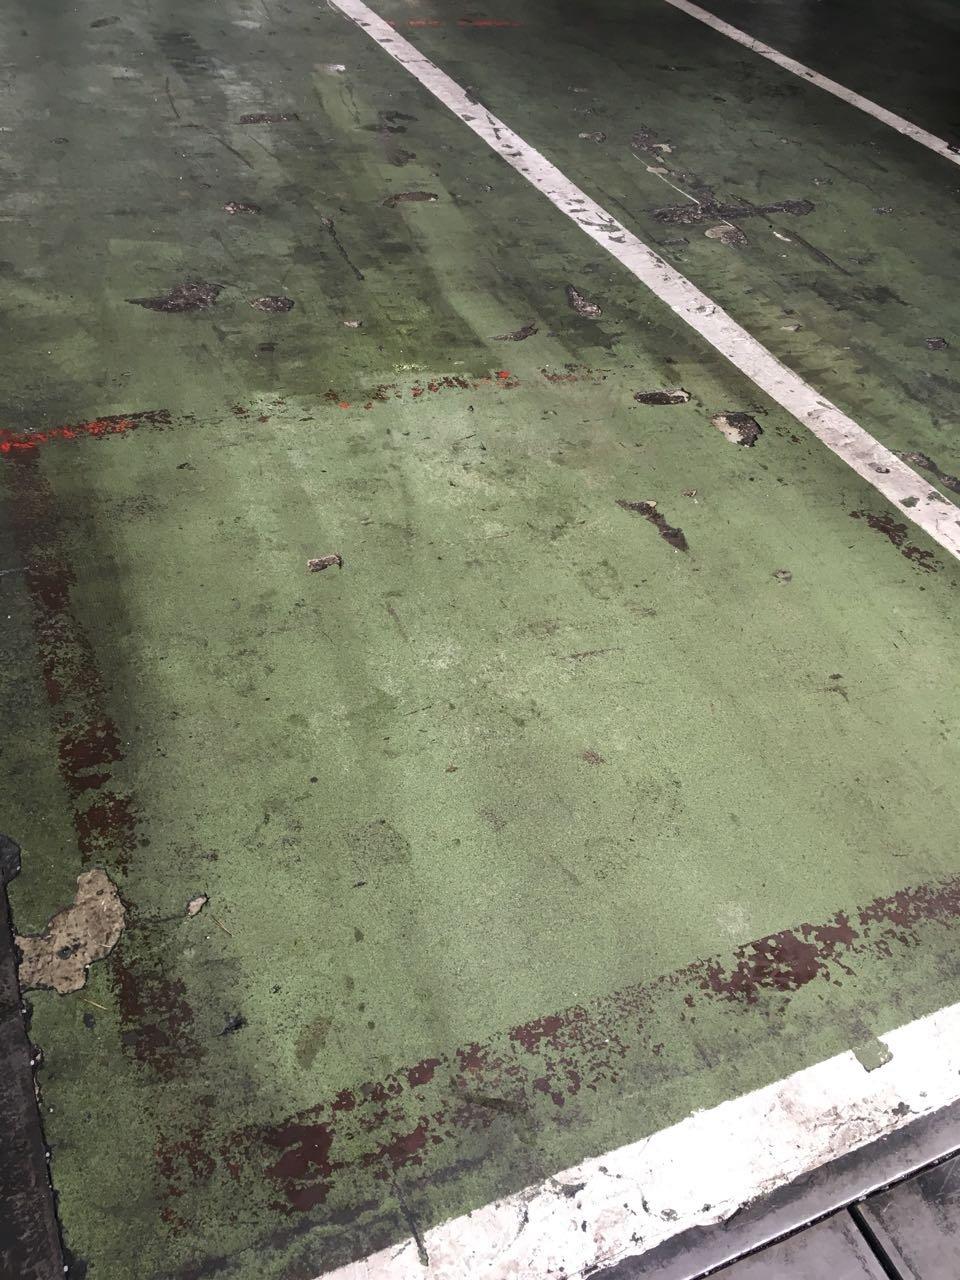 Műgyanta bevonatú ipari kőpadló tisztítása csapvízzel Rotowash súroló géppel